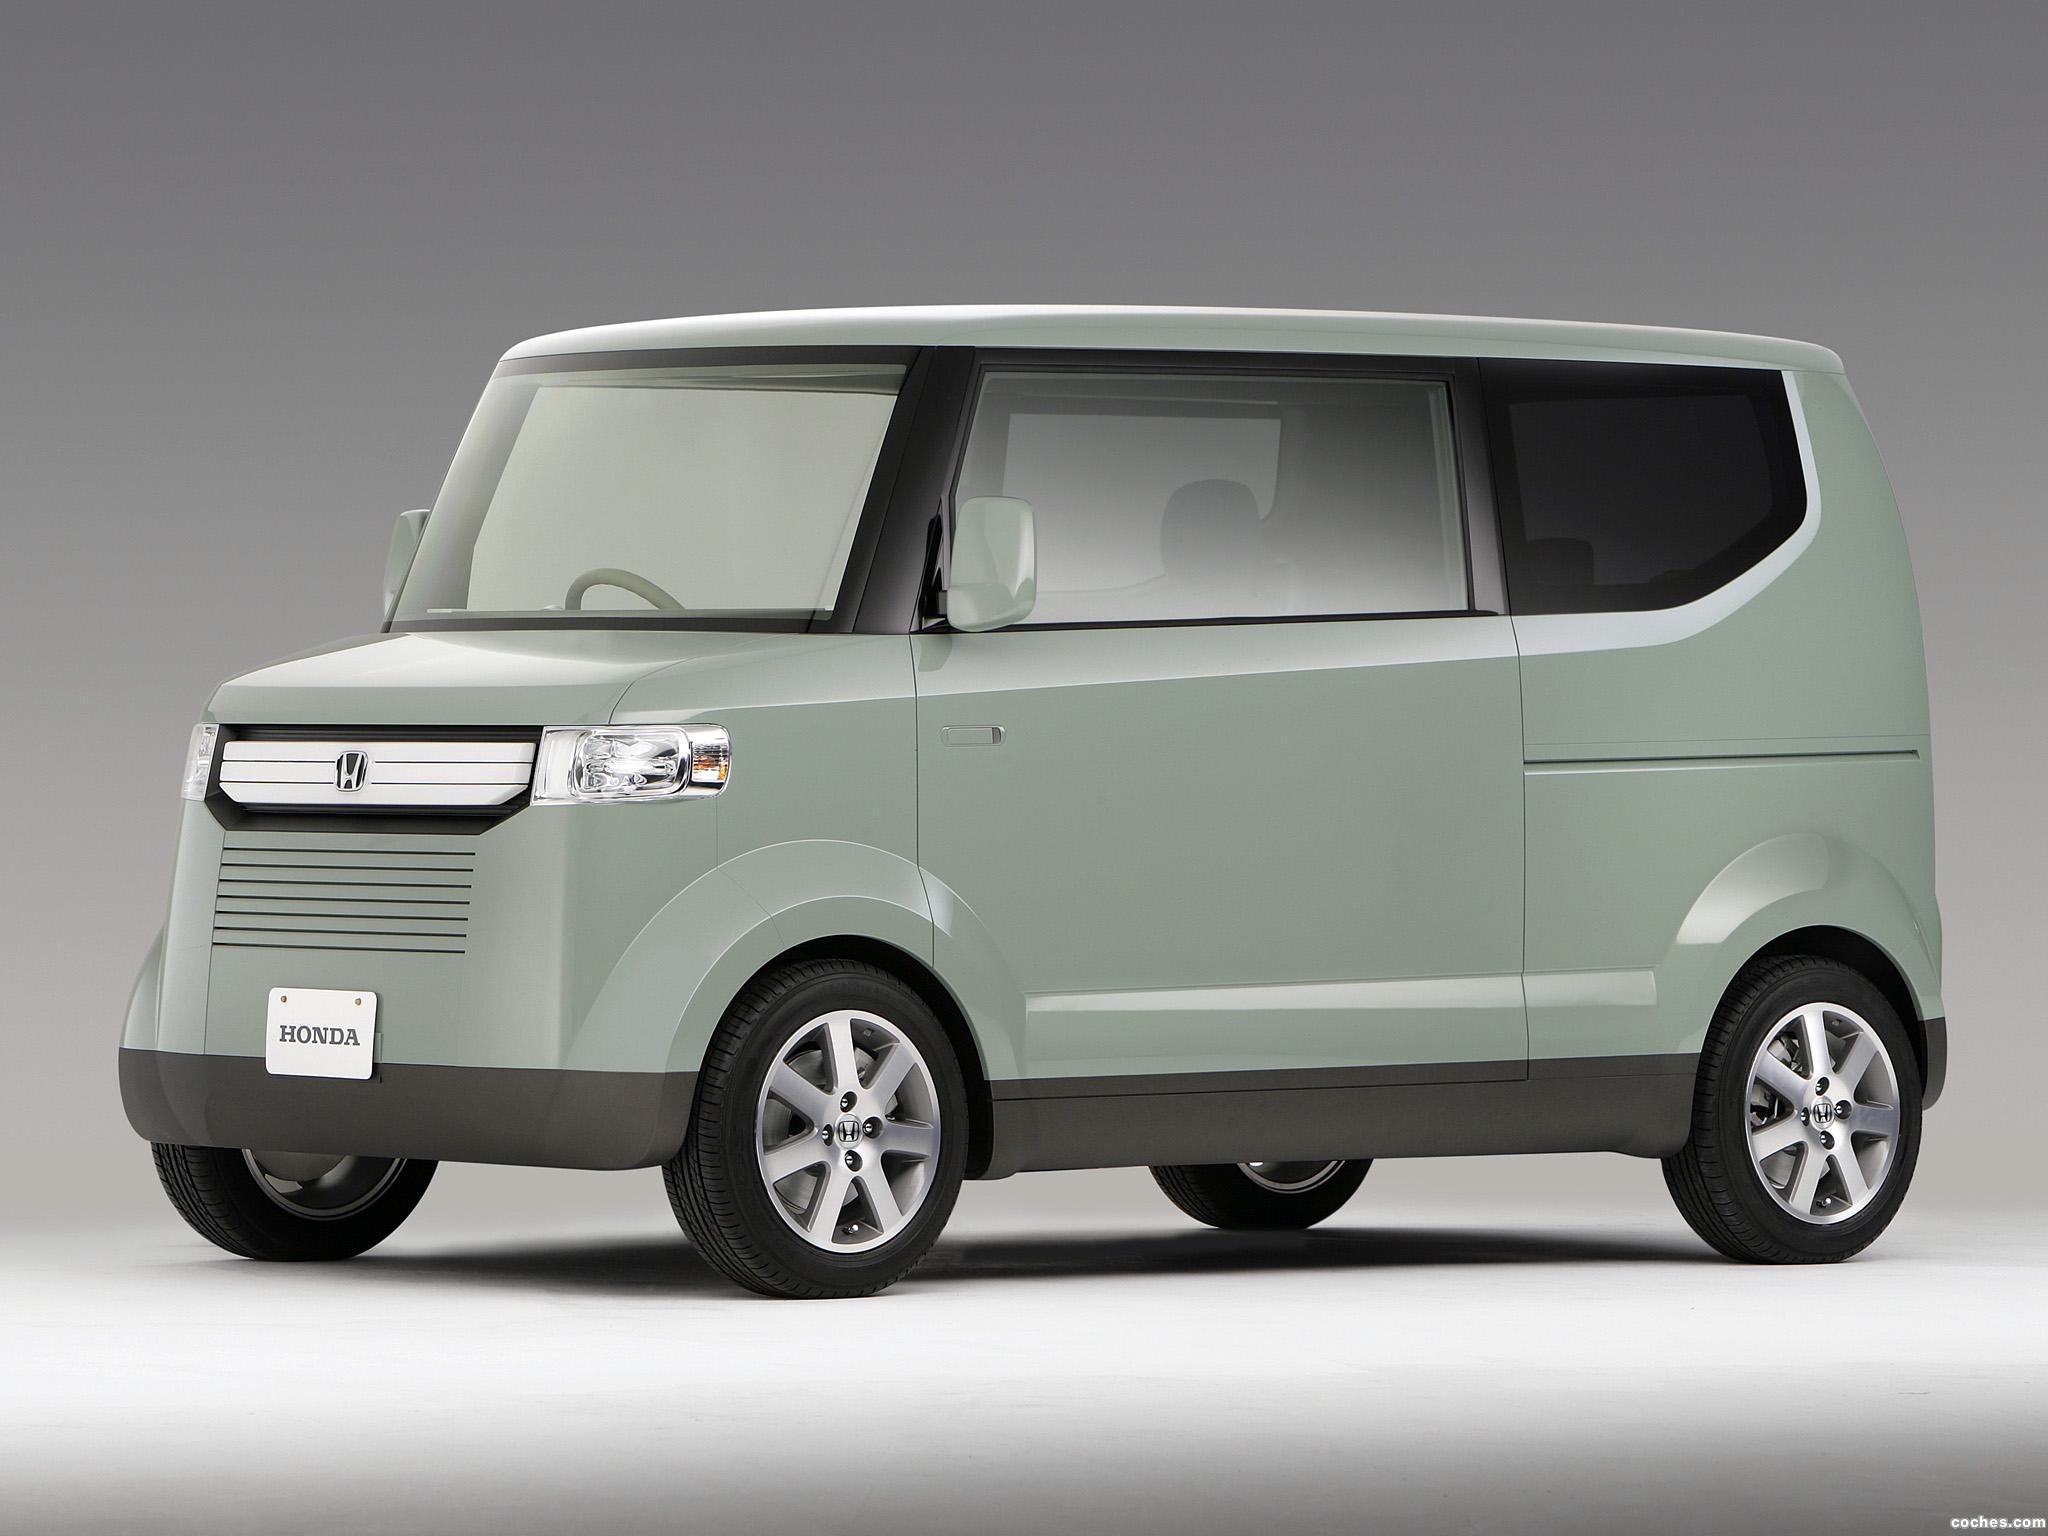 Foto 0 de Honda Step Bus Concept 2006